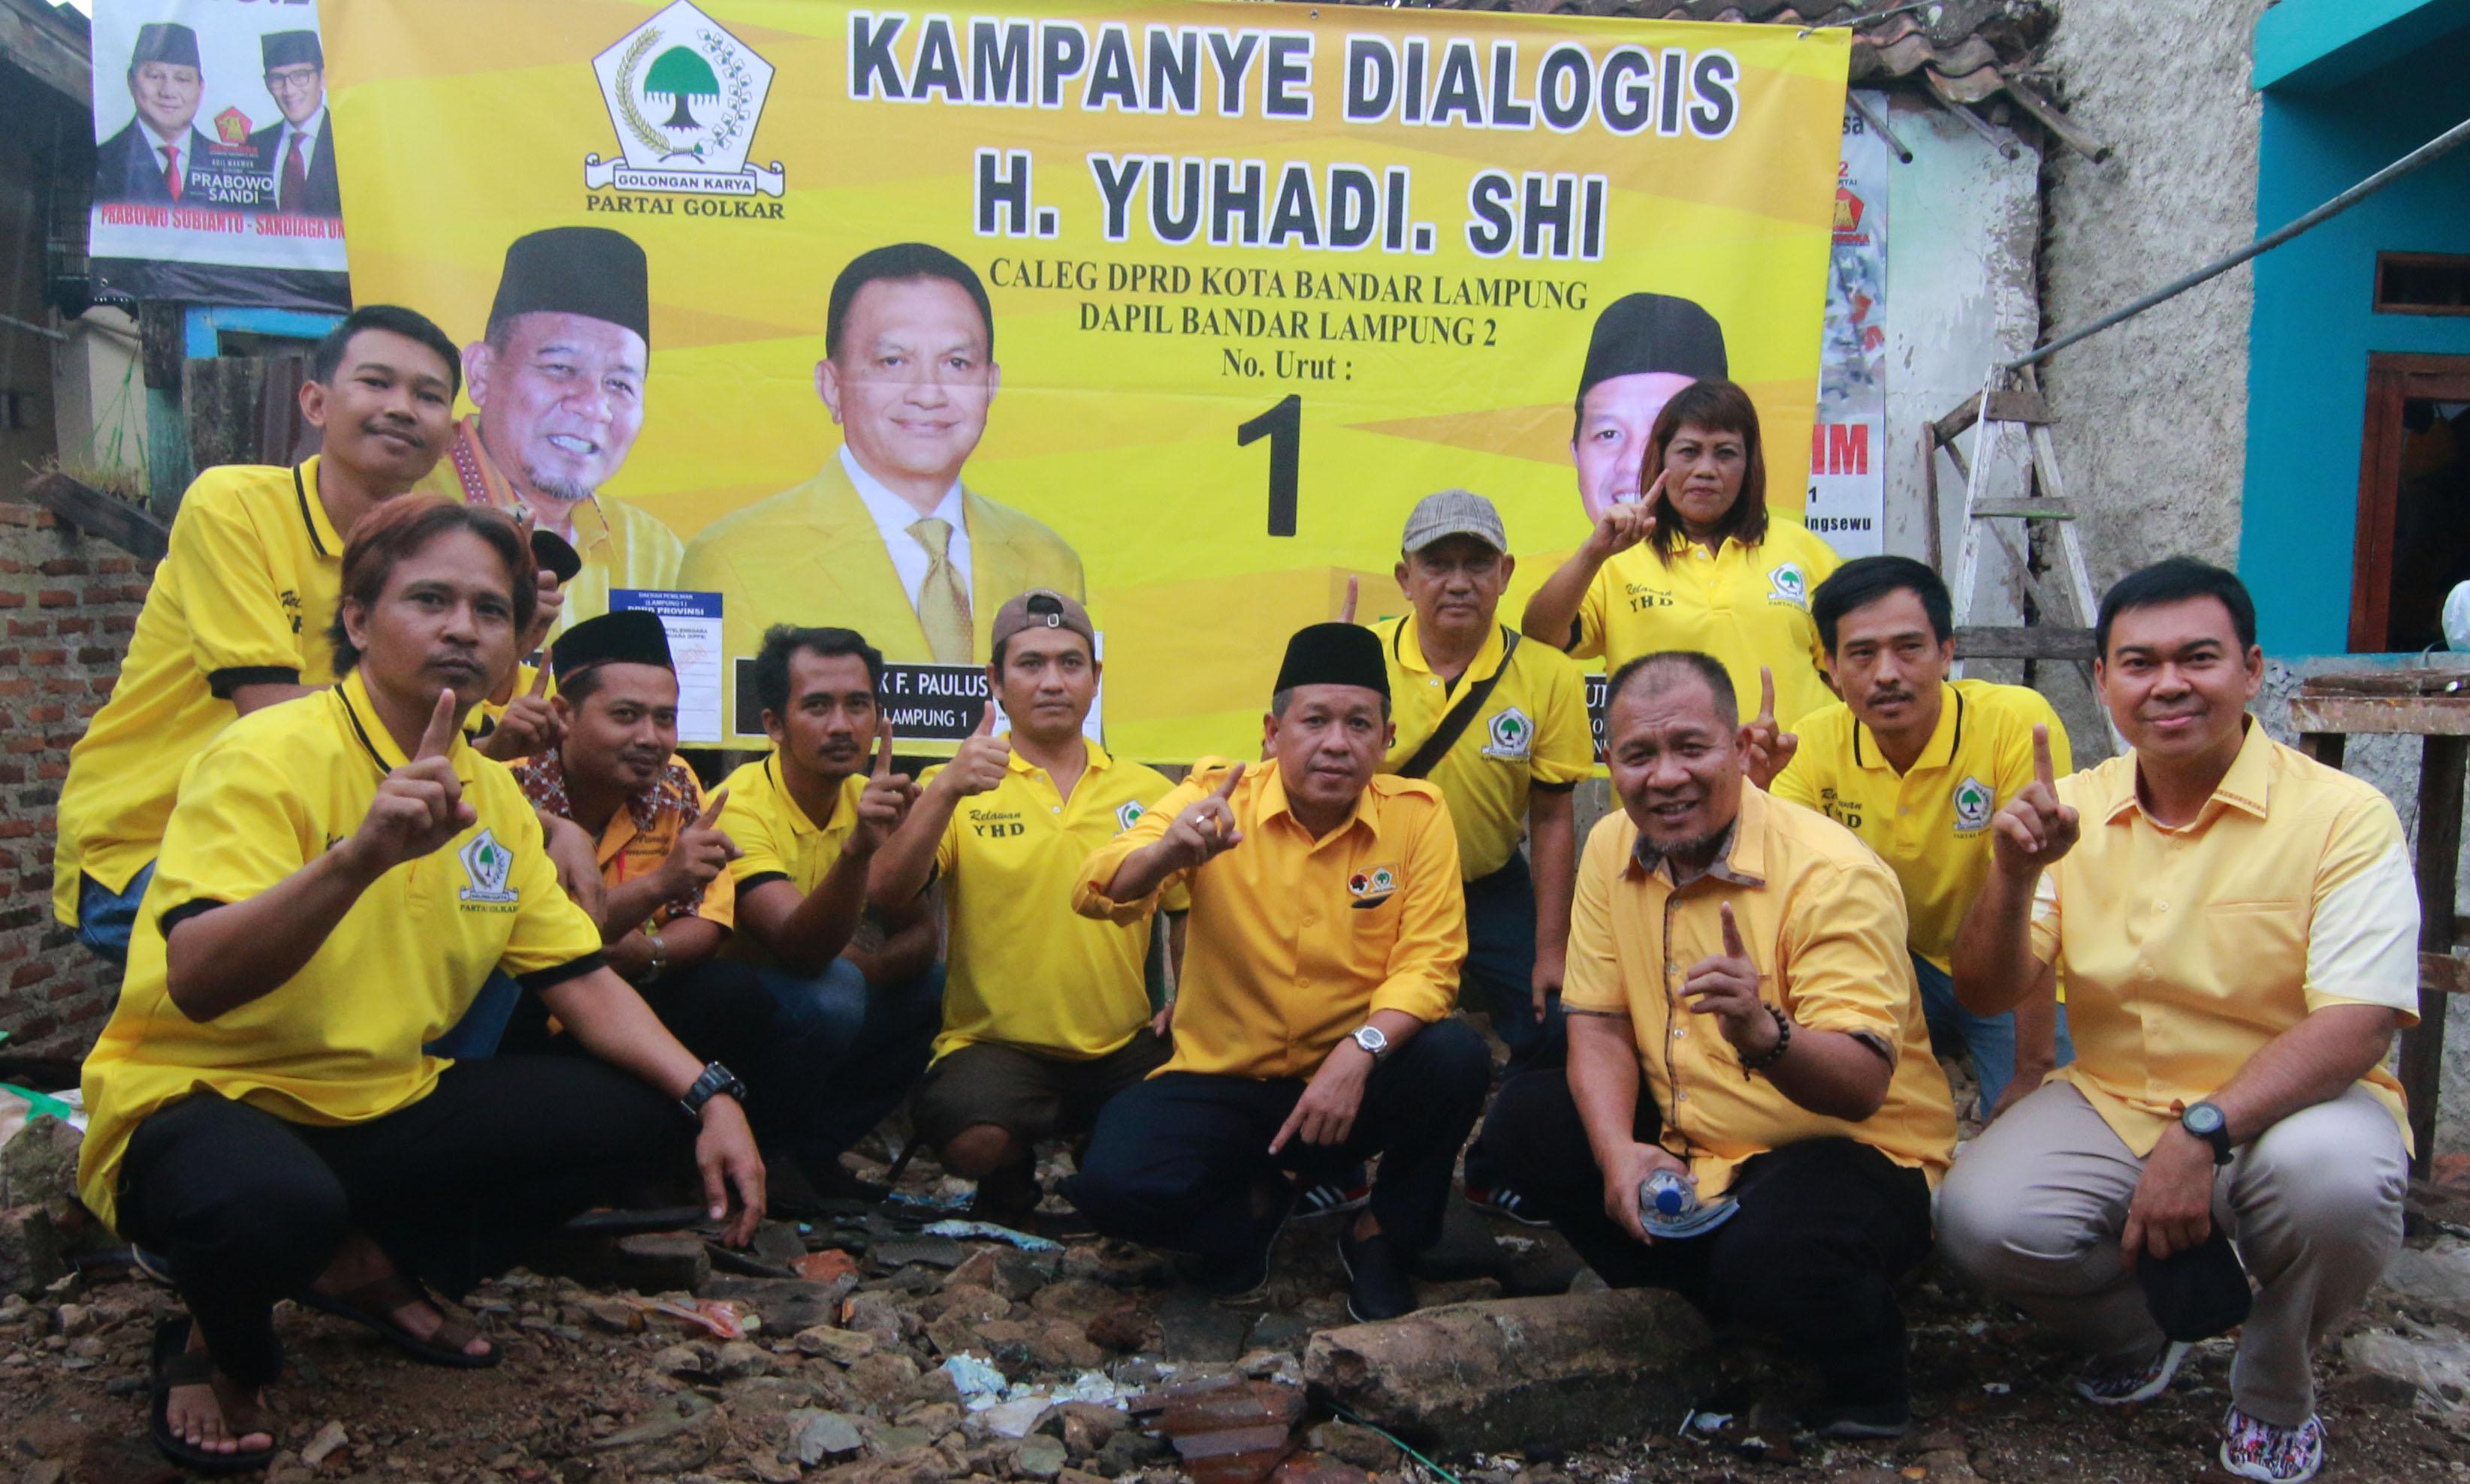 Rycko Menoza Dampingi Caleg Golkar Kampanye Dialogis di Bandarlampung